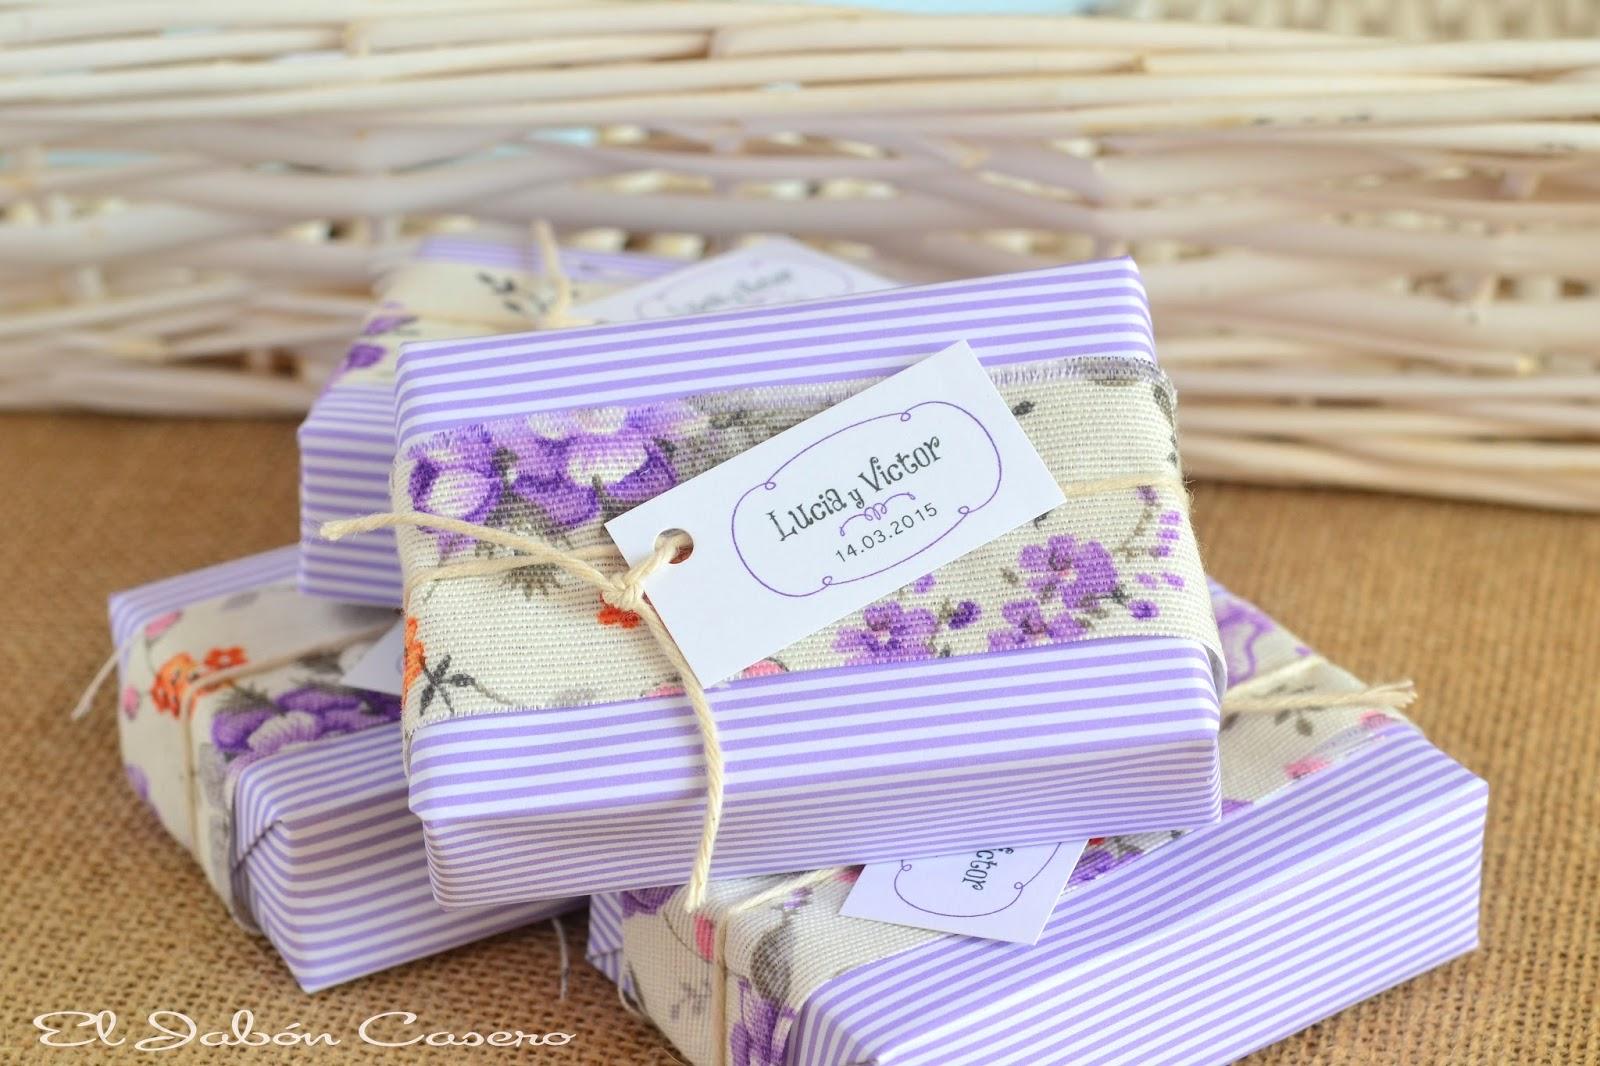 detalles de boda en color lila jabones naturales